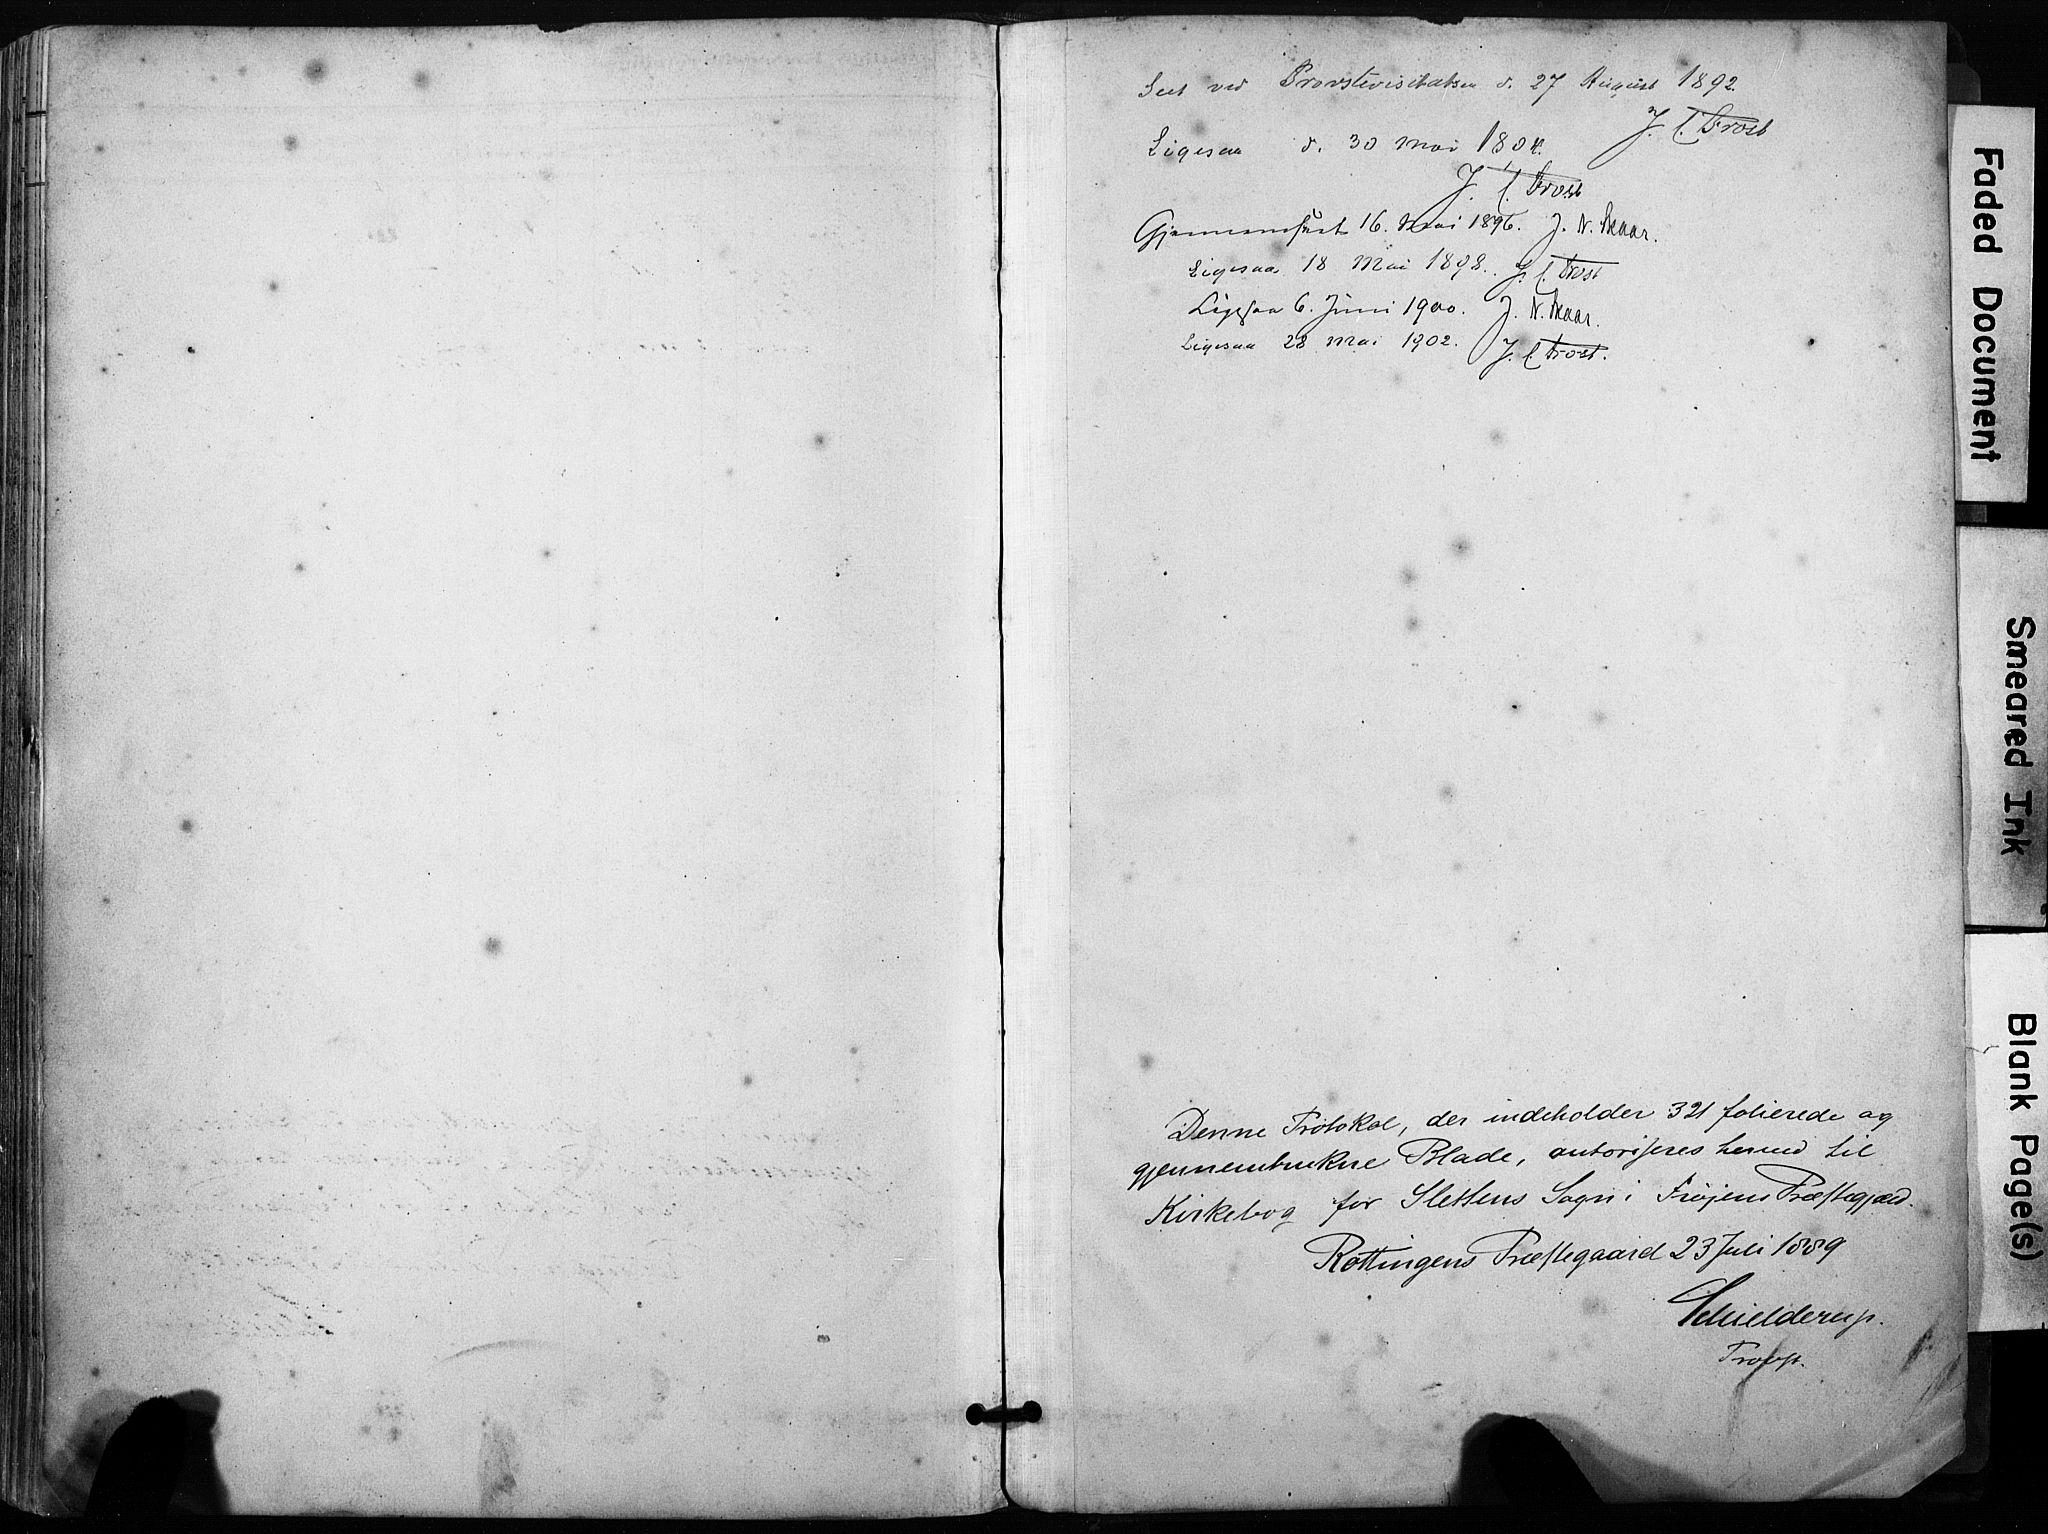 SAT, Ministerialprotokoller, klokkerbøker og fødselsregistre - Sør-Trøndelag, 640/L0579: Ministerialbok nr. 640A04, 1889-1902